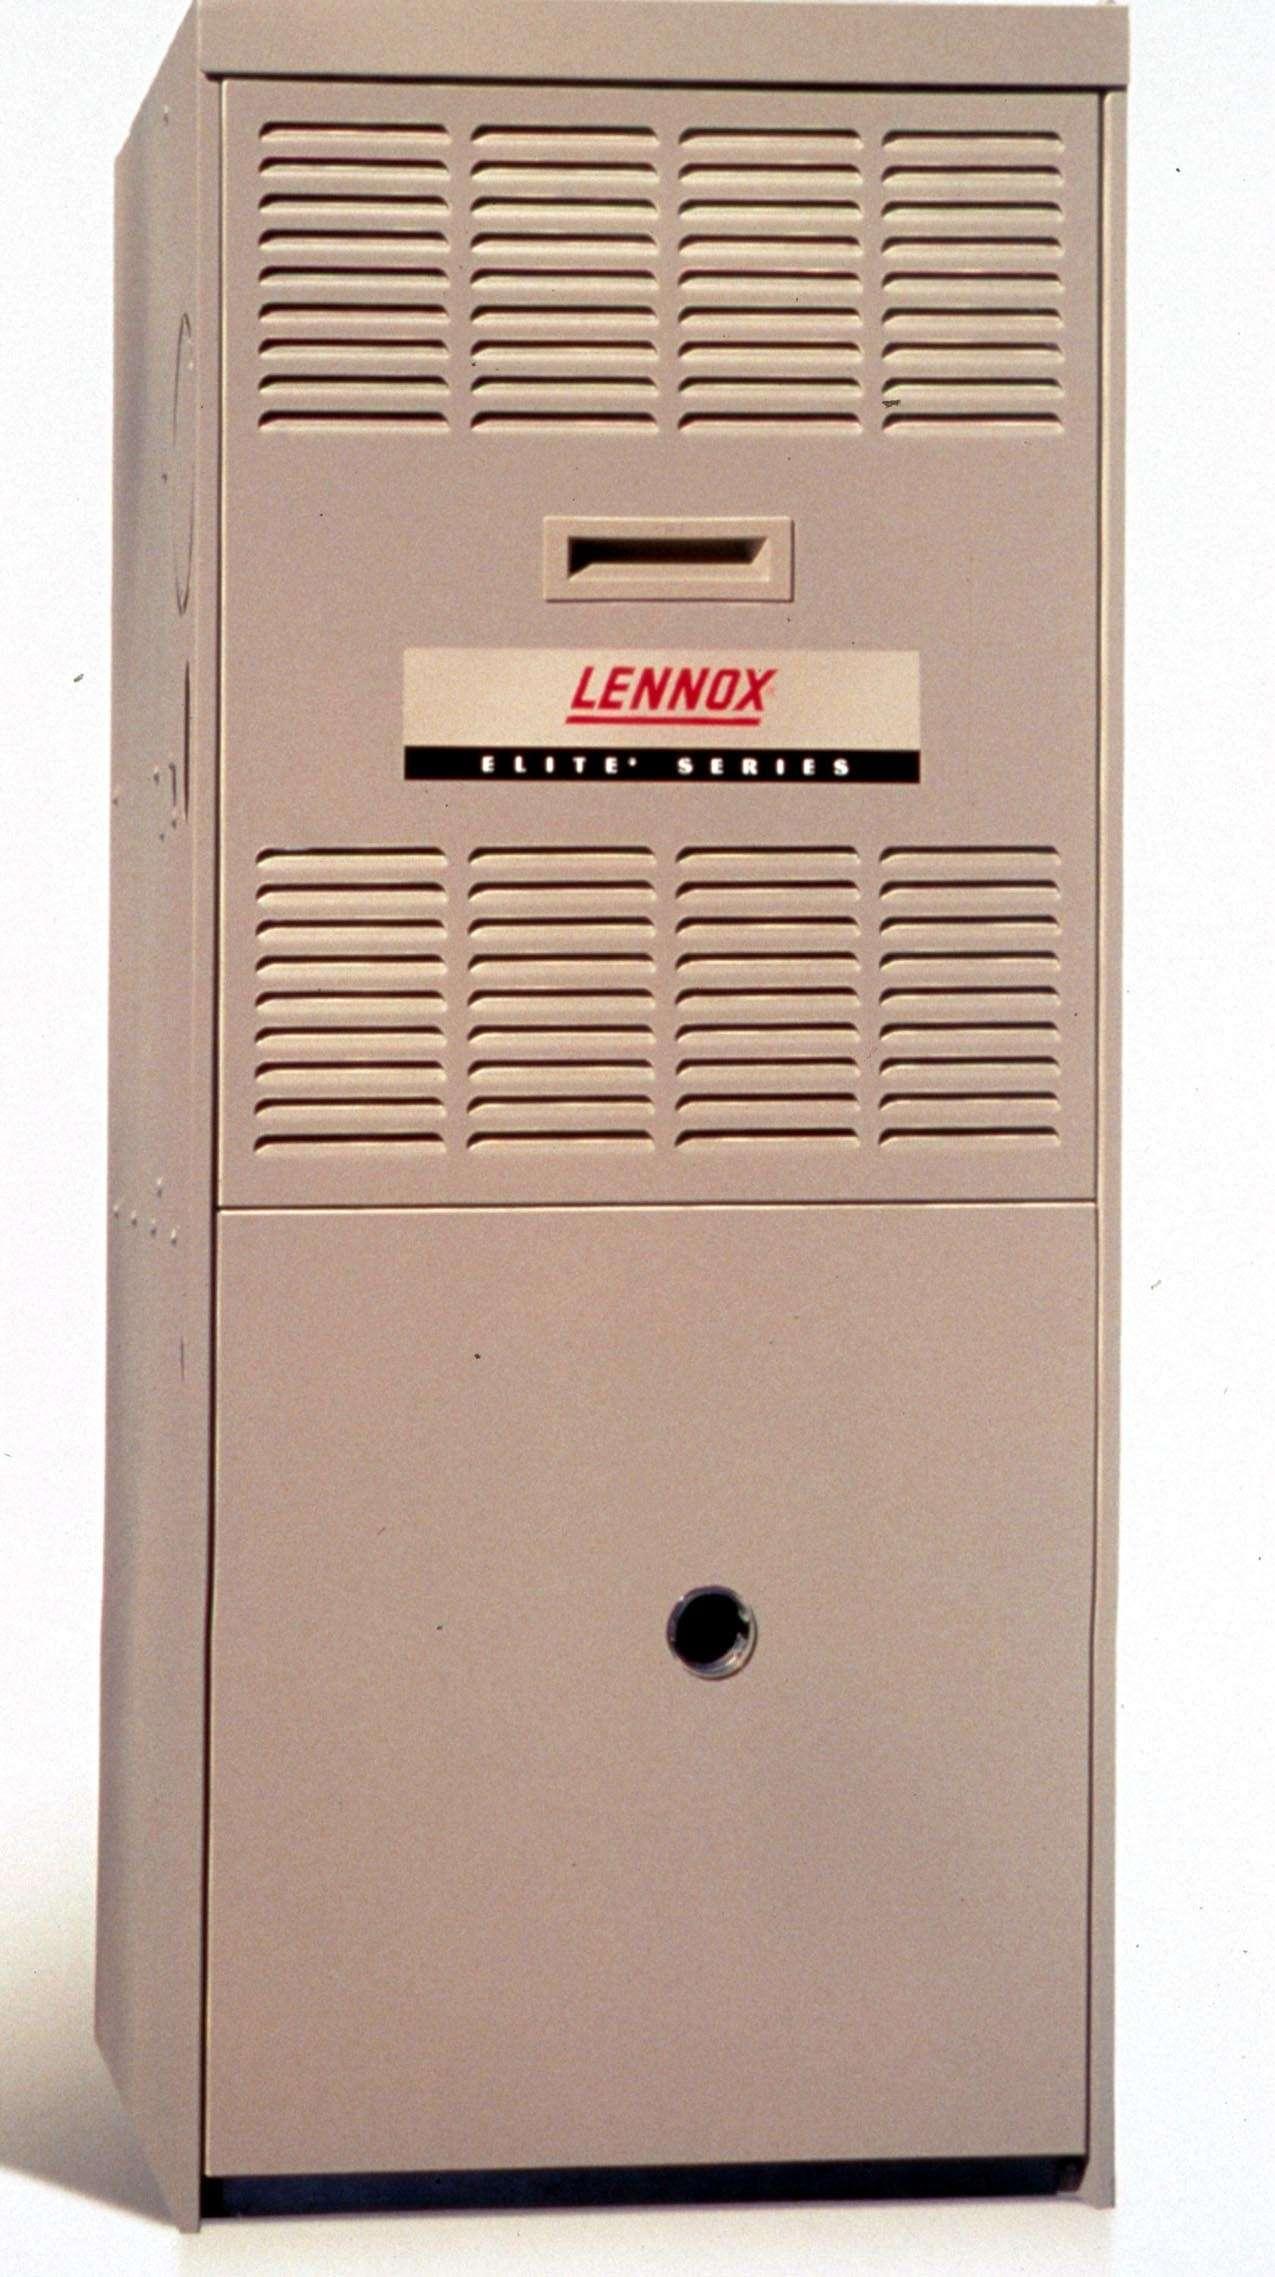 Furnace lennox furnace for Lennox program